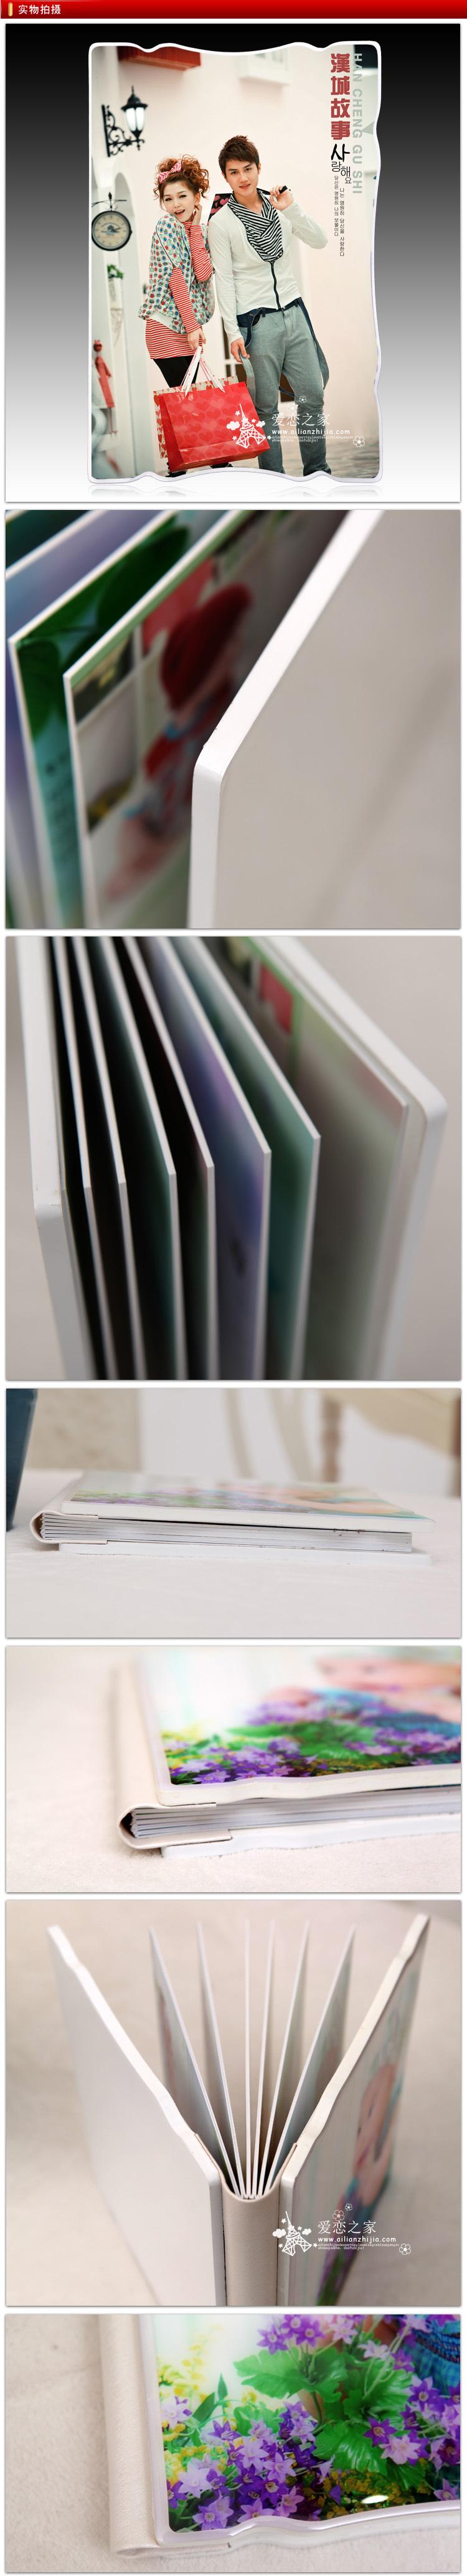 16寸大韩水晶个性相册